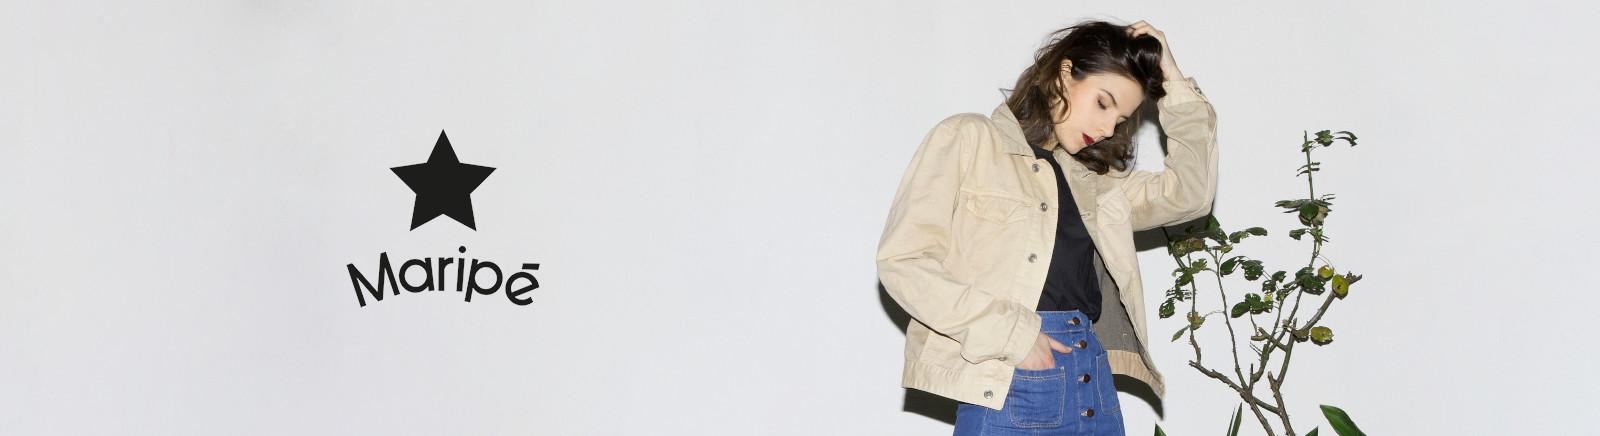 Maripé Damenschuhe online entdecken im Juppen Schuhe Shop